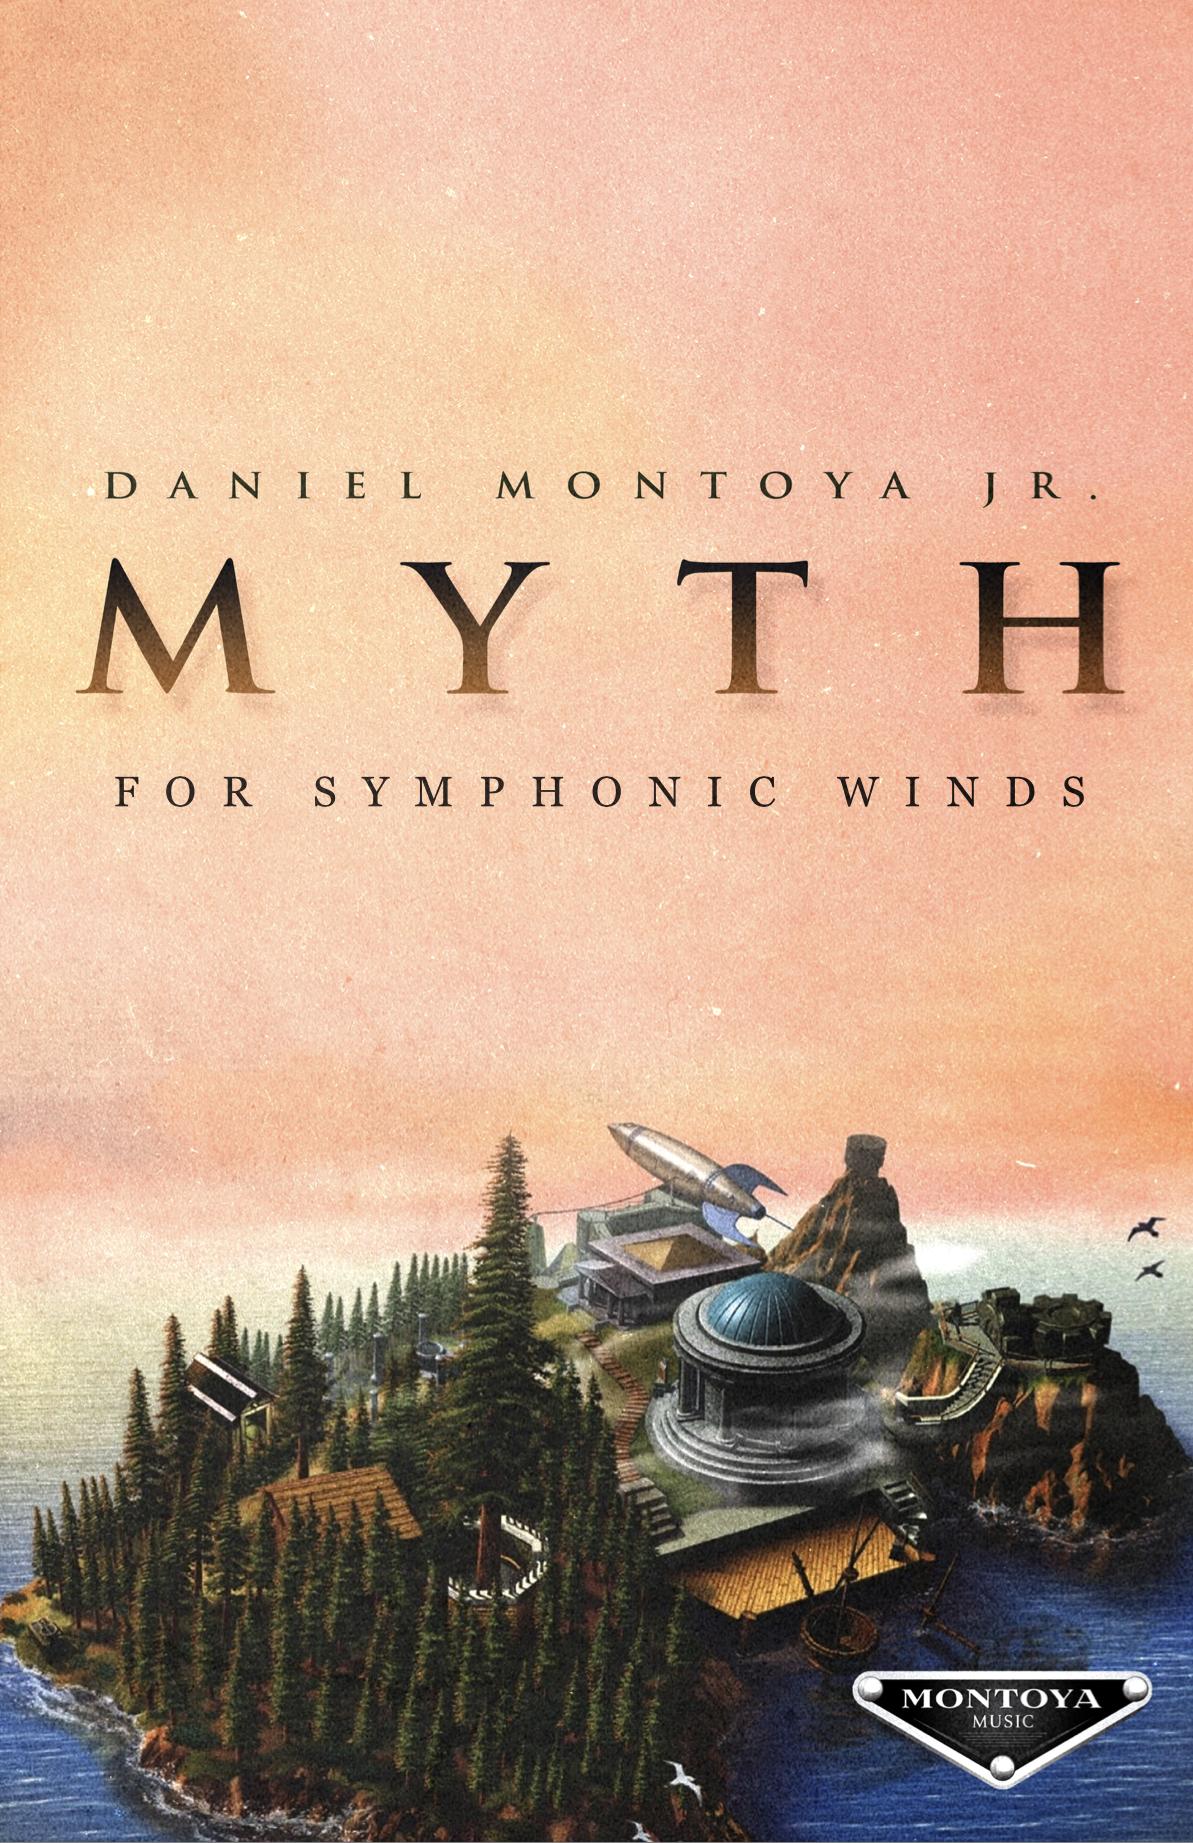 Myth by Daniel Montoya Jr.